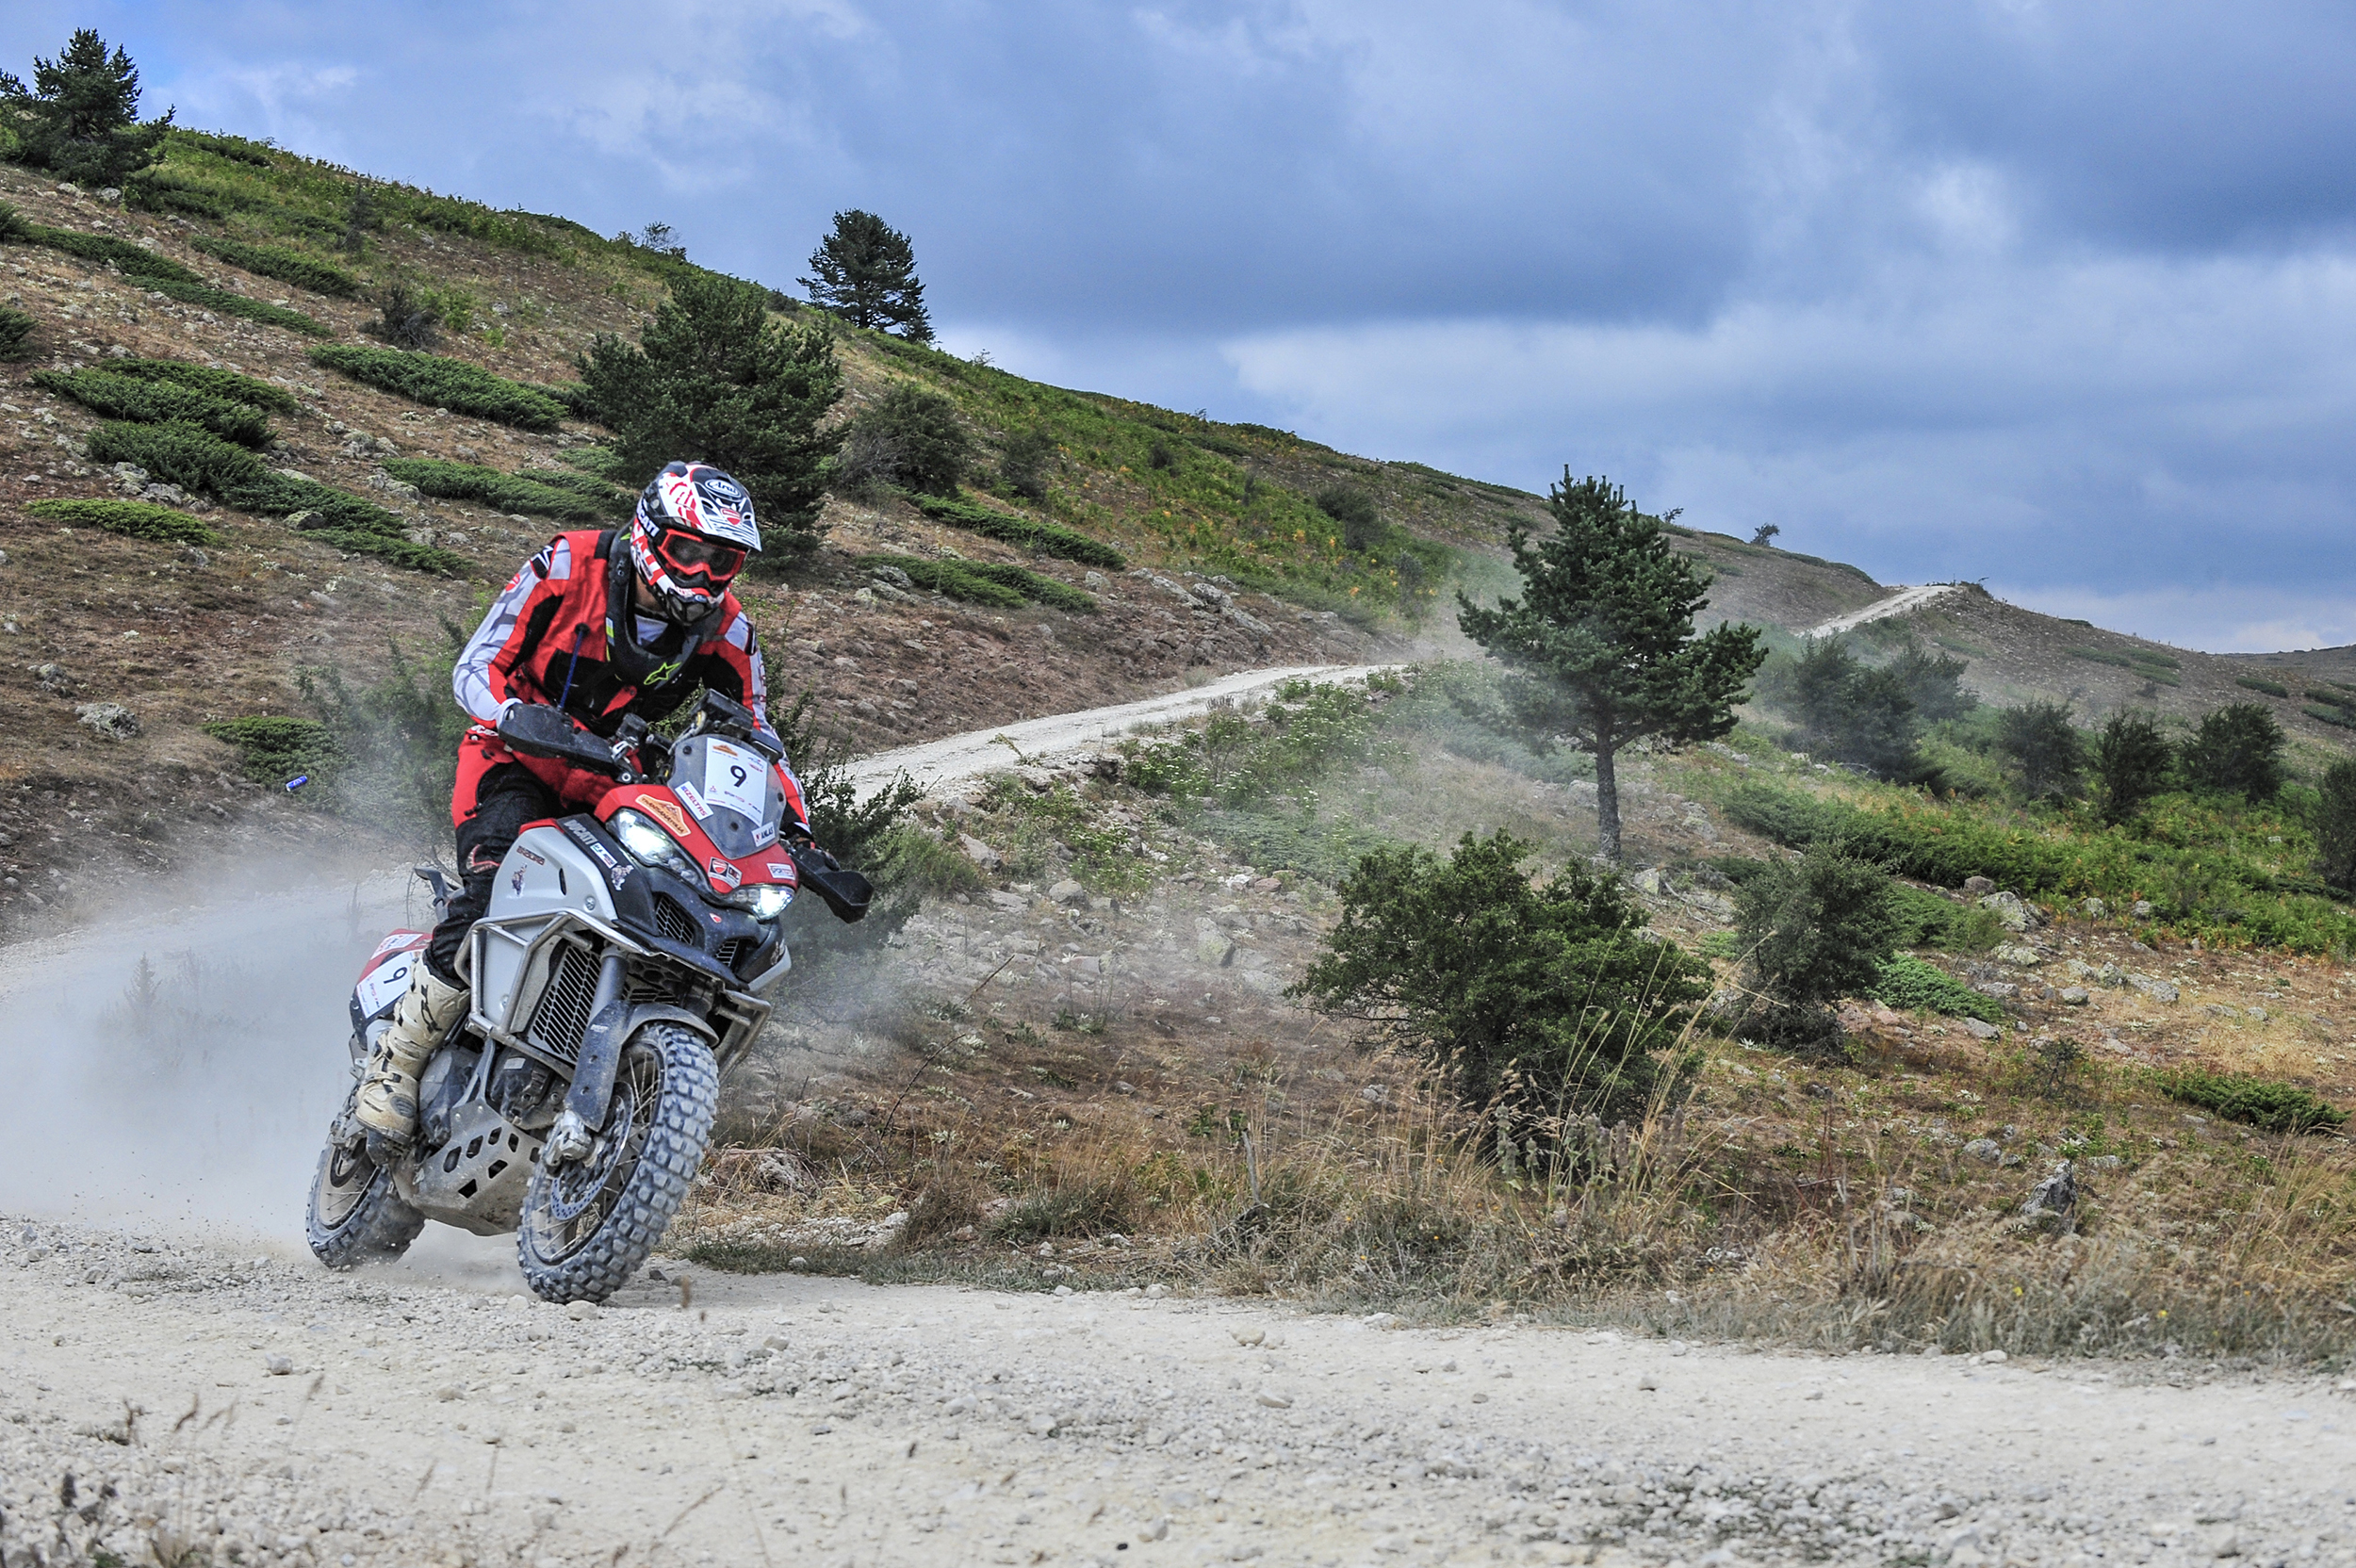 Ducati_TransanatoliaRally2020_Multistrada1260Enduro_Andrea Rossi (2)